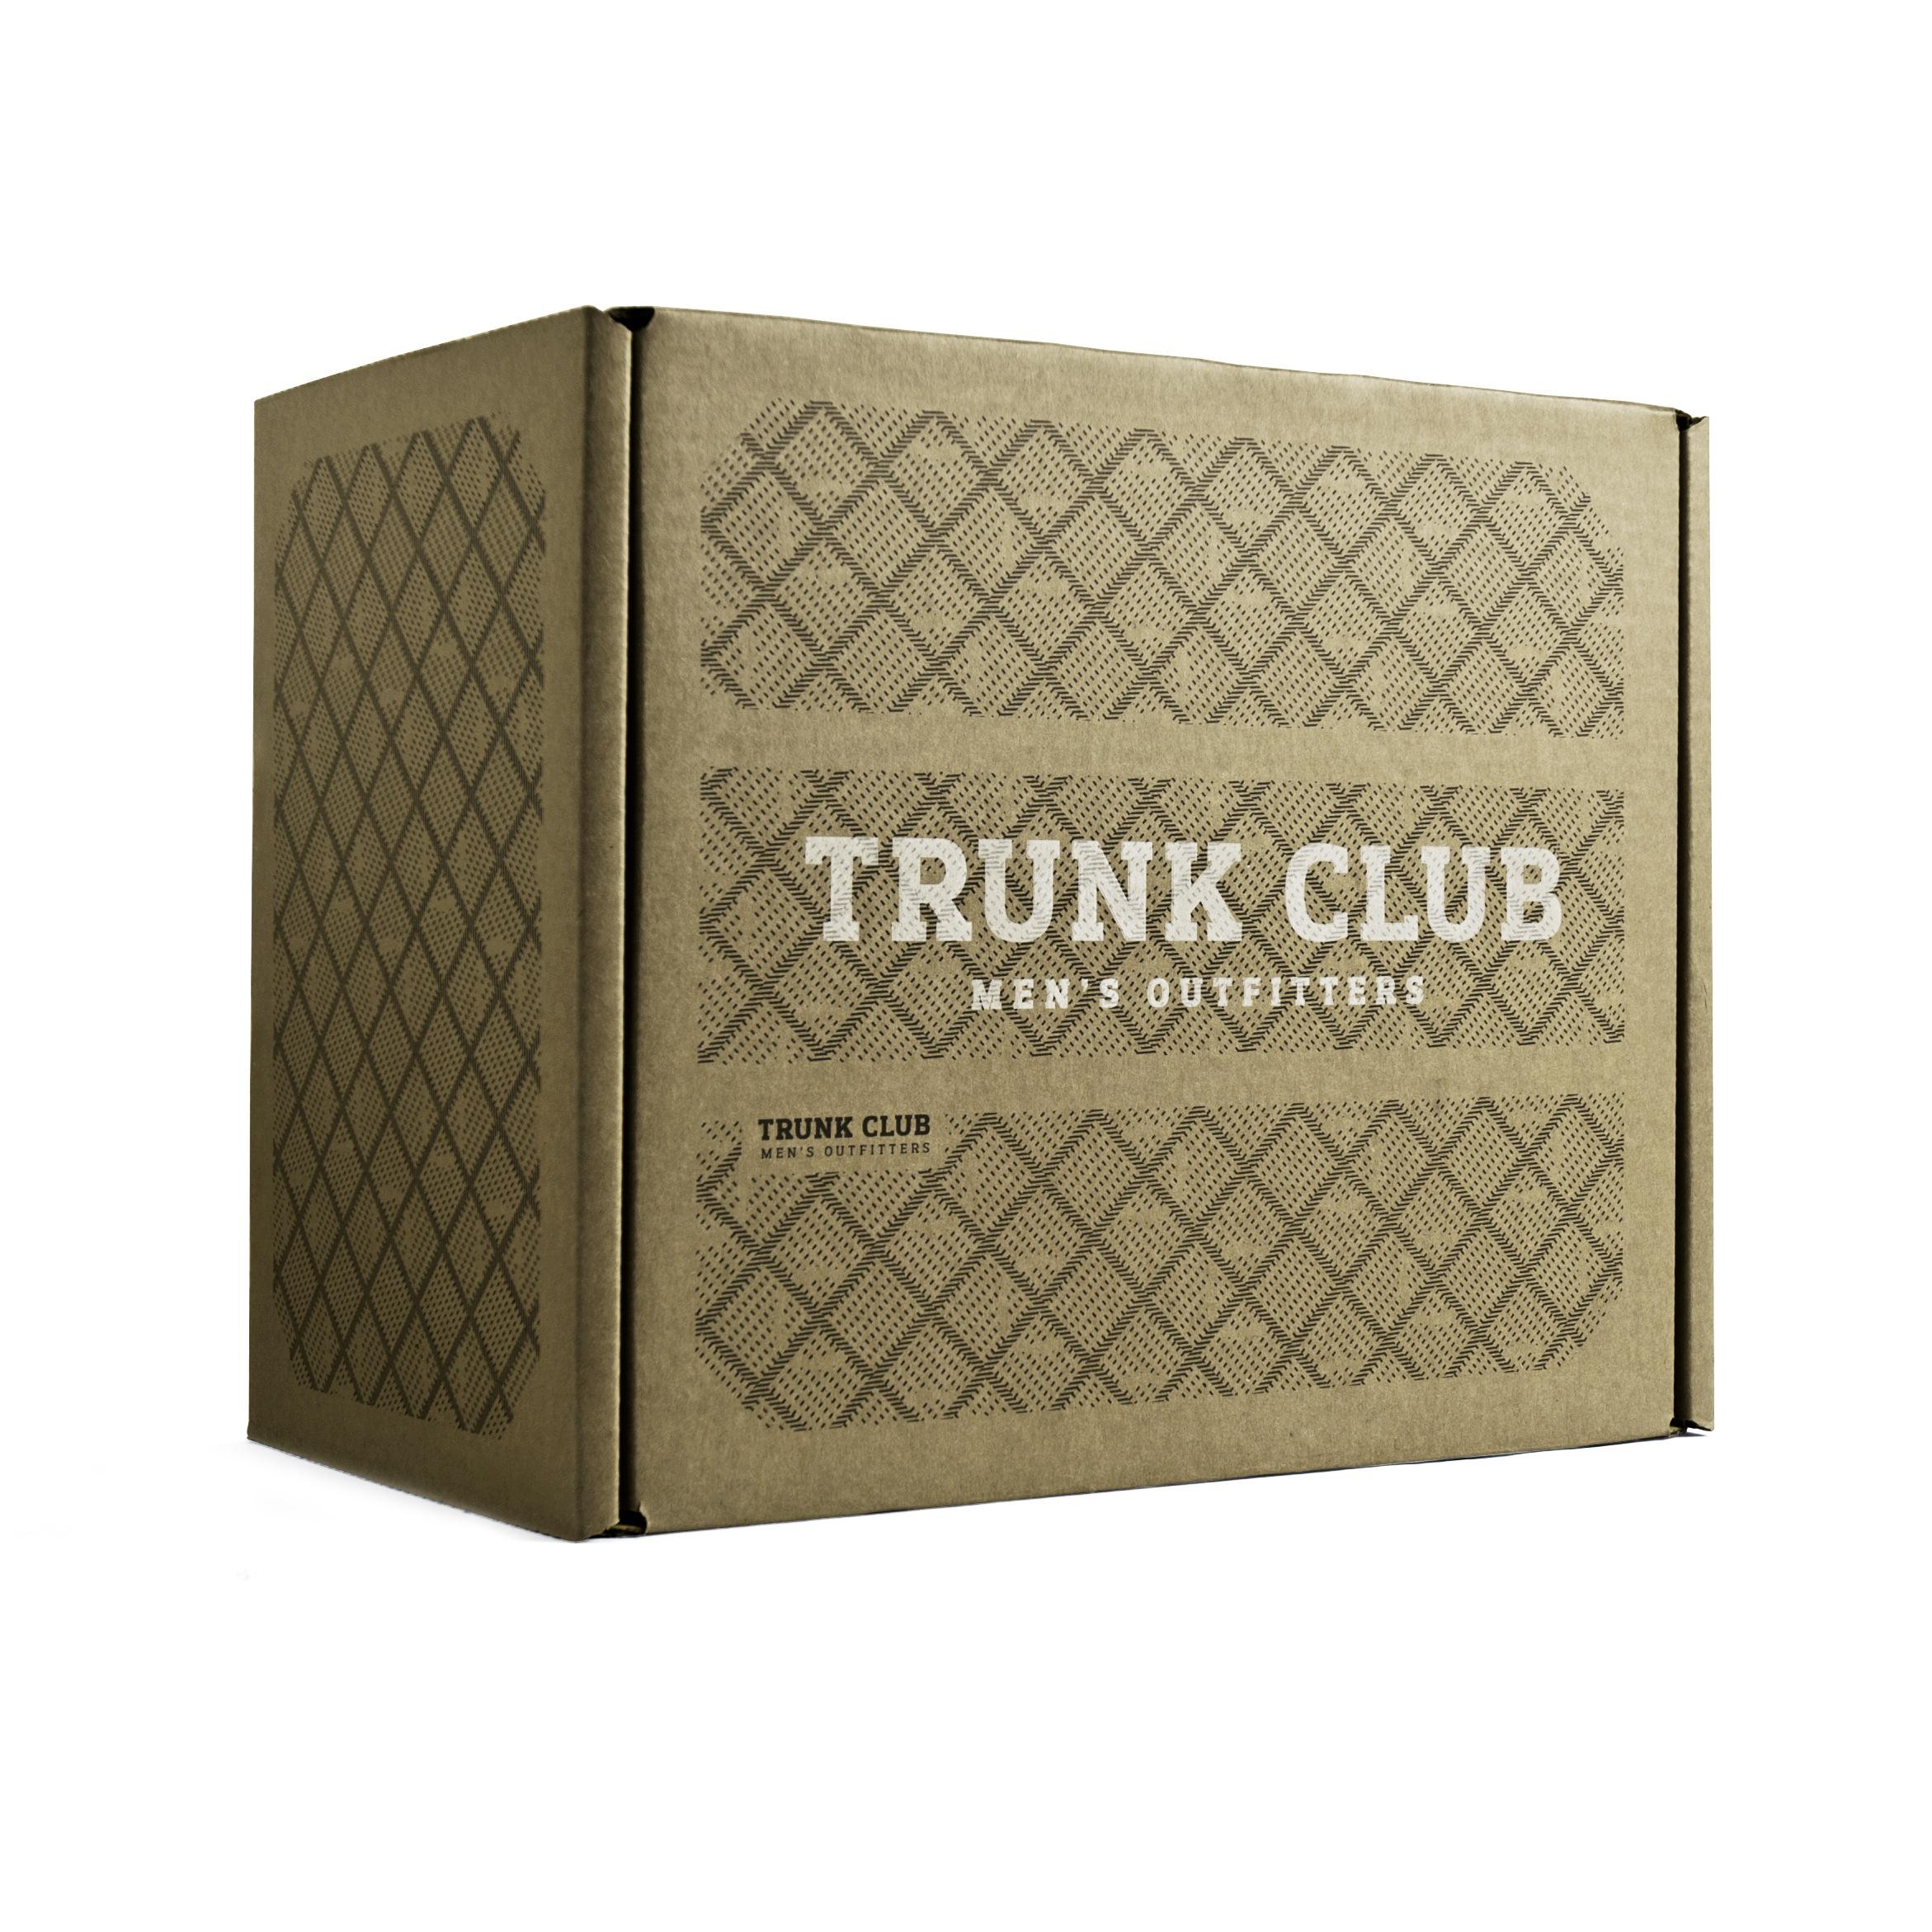 Trunk Club.jpg